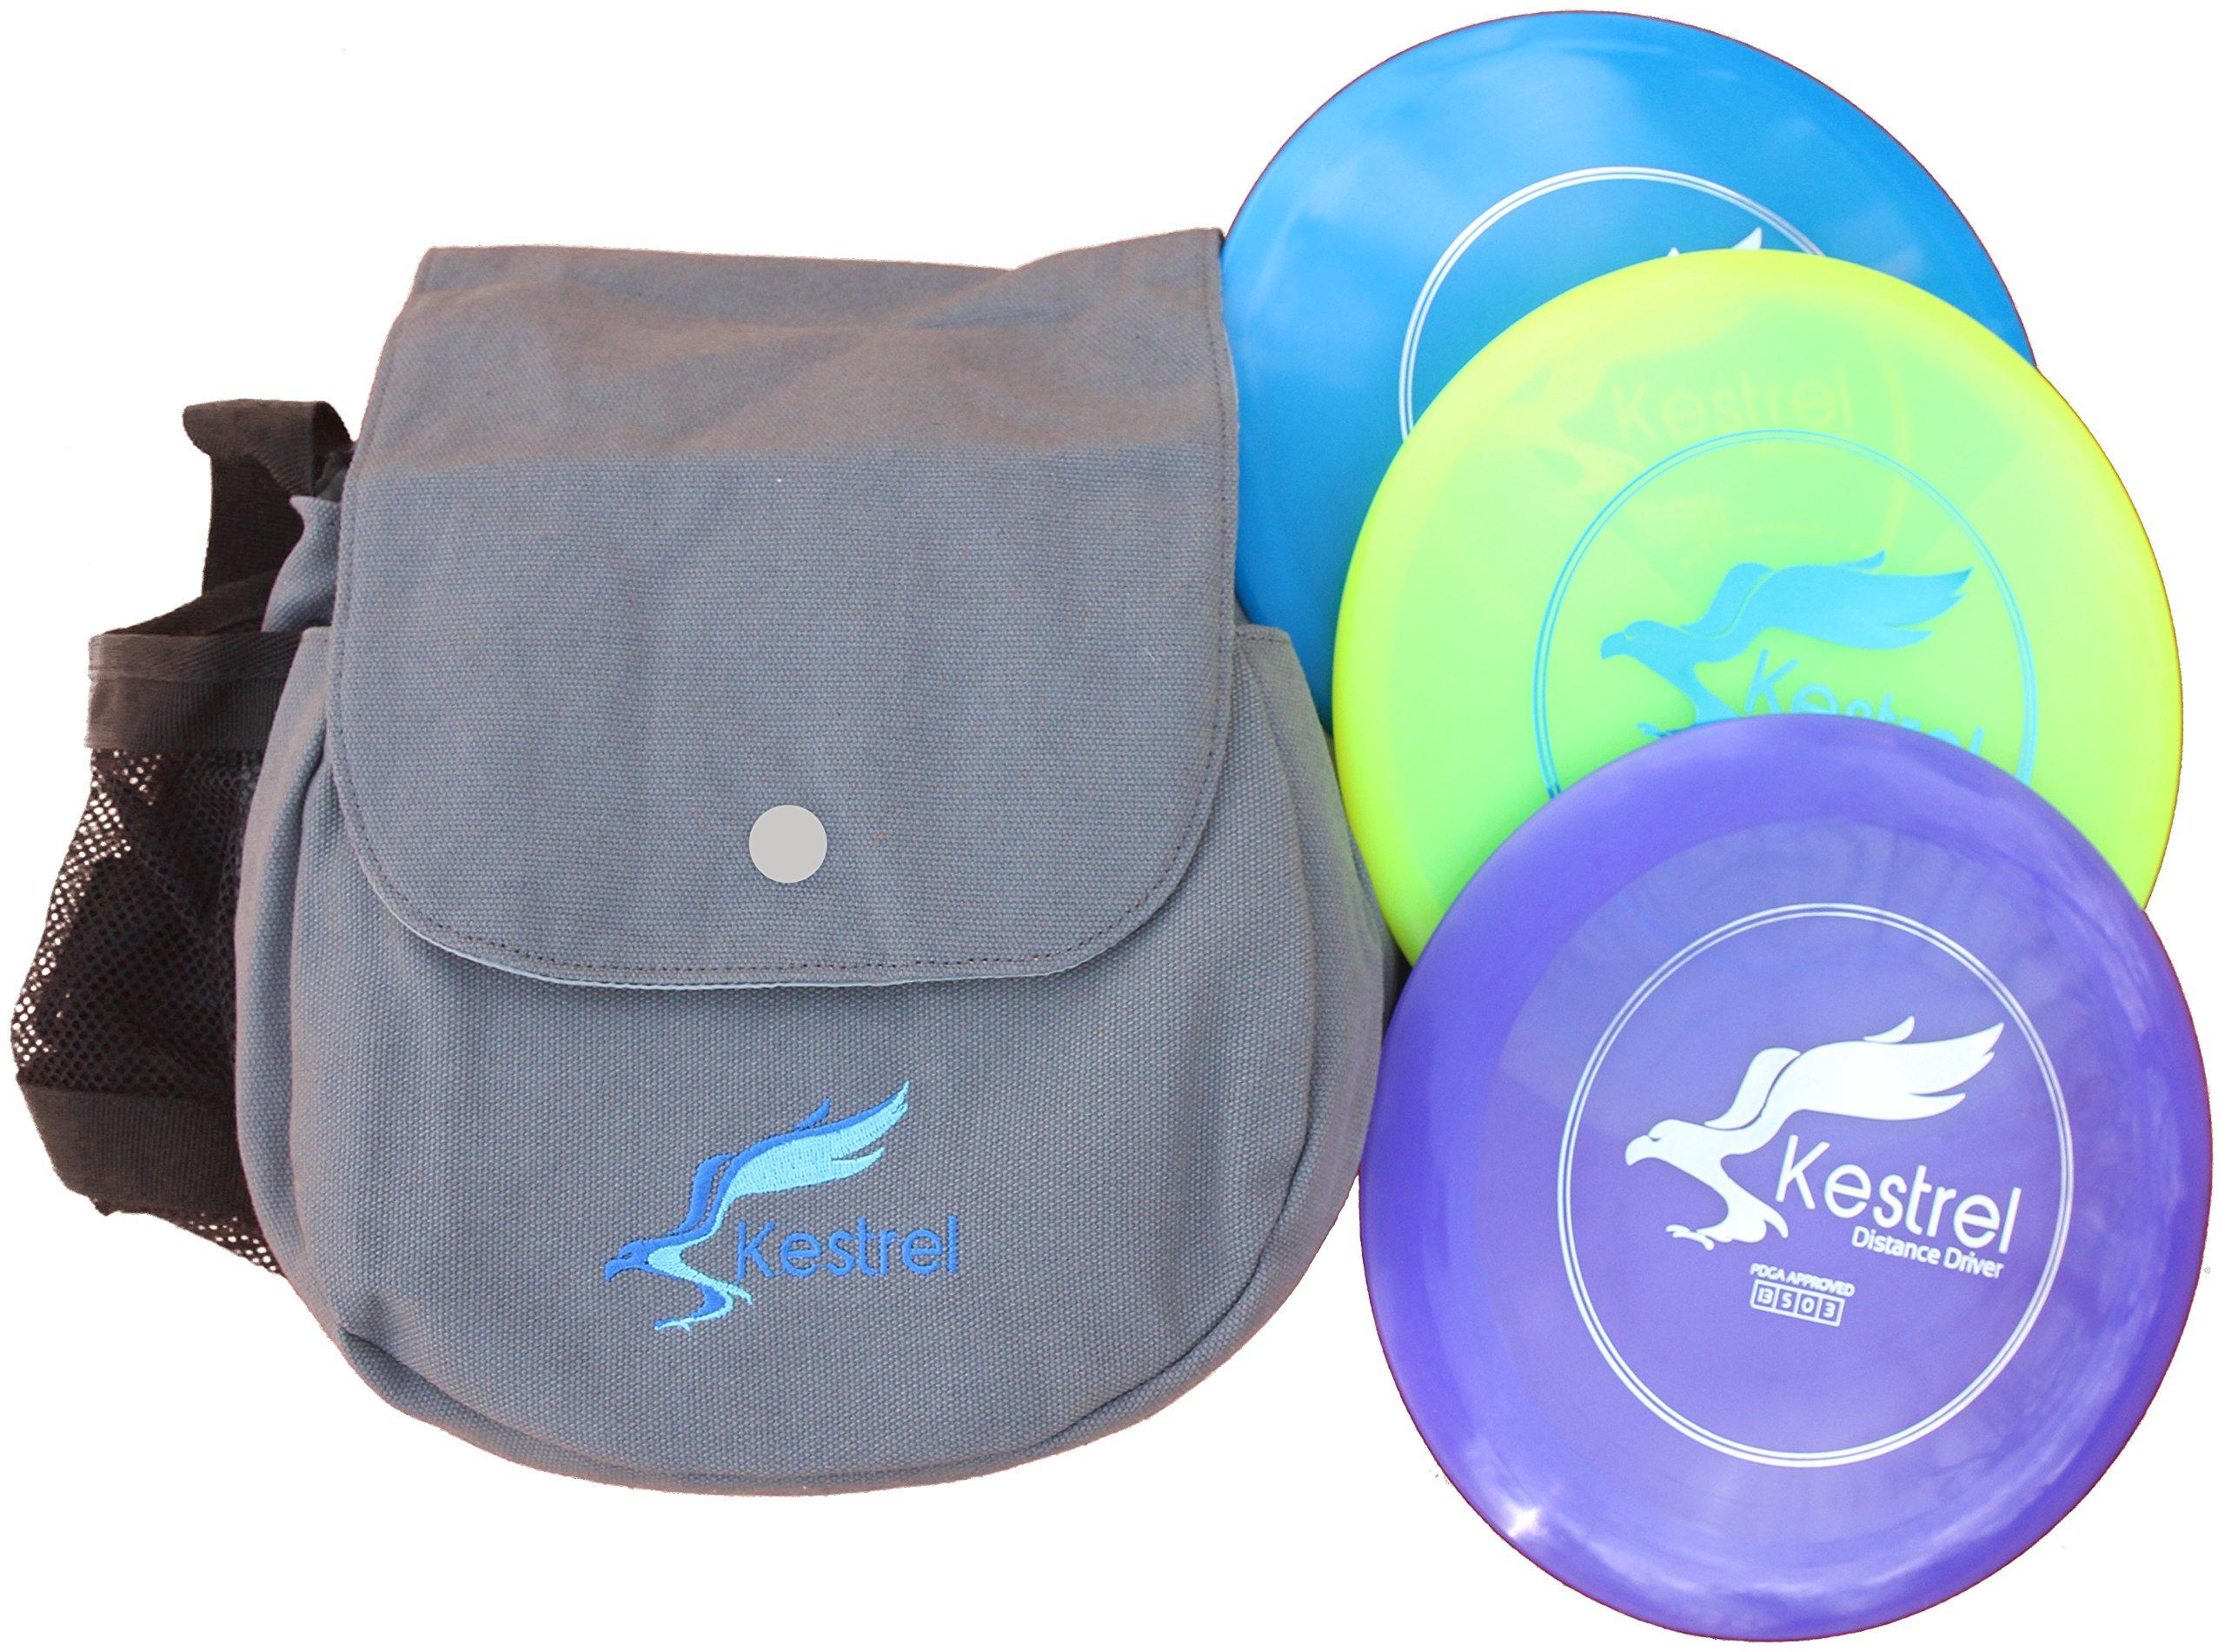 Kestrel Disc Golf Pro Set | 3 Disc Pro Pack Bundle + Bag | Disc Golf Set | Includes Distance Driver, Mid-Range and Putter | Frisbee Golf Set